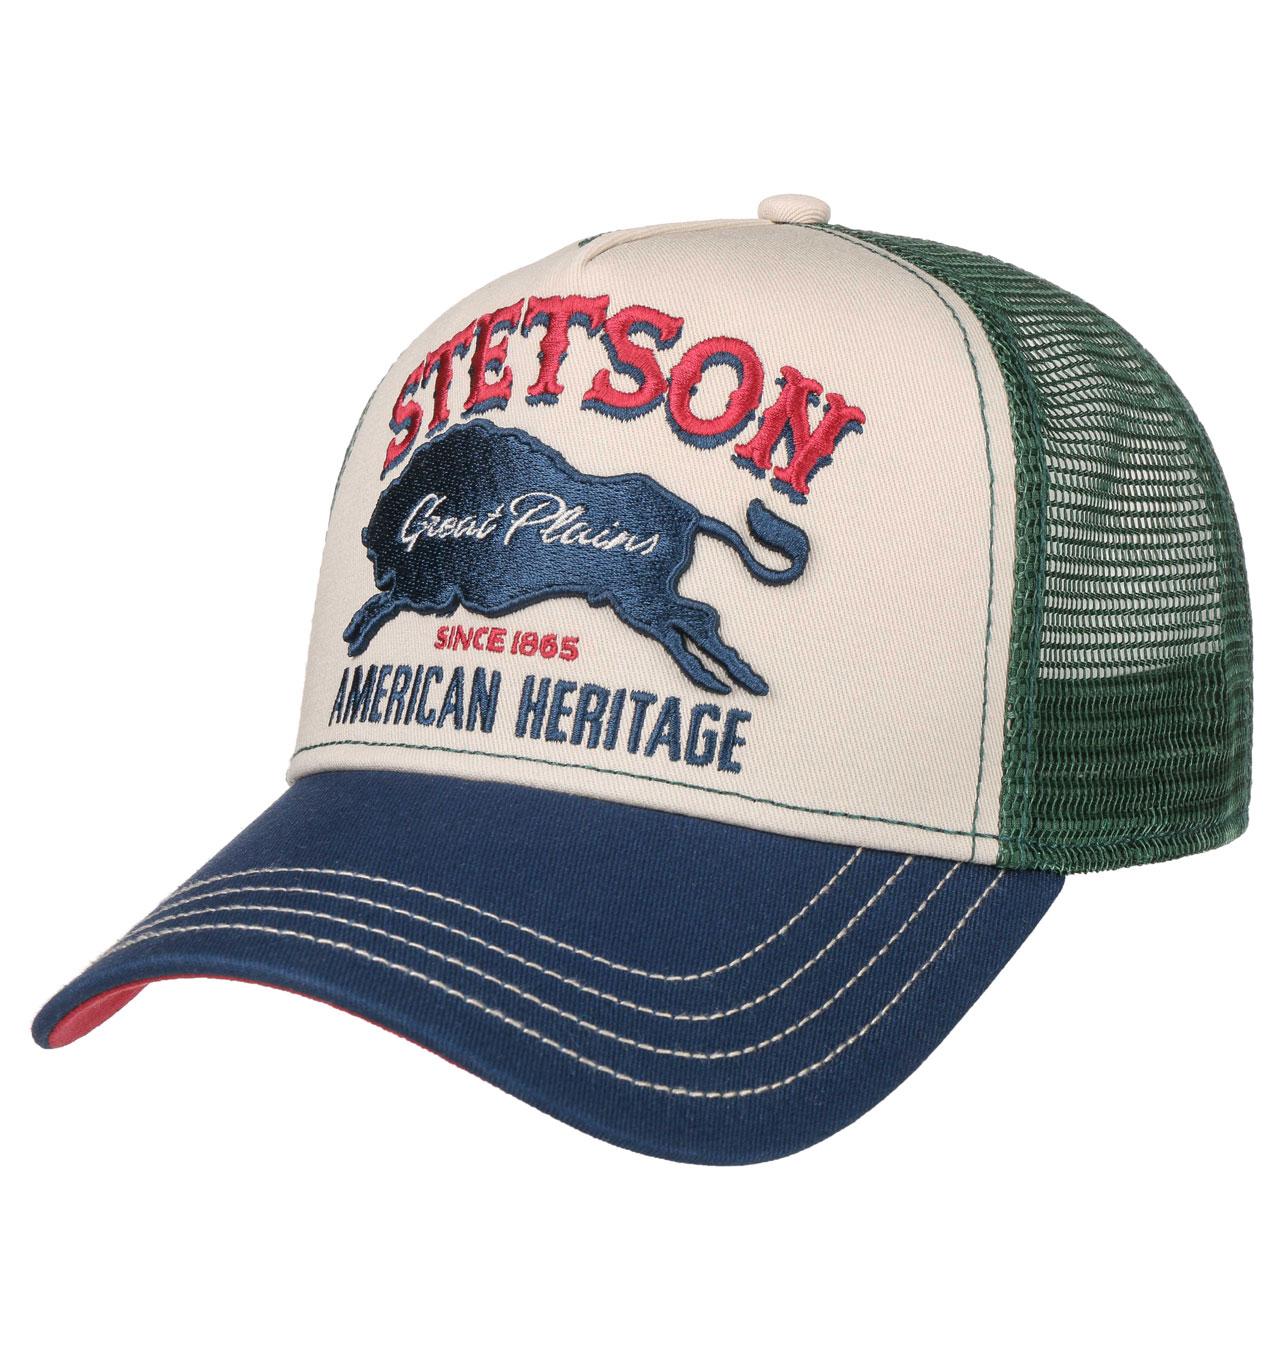 Stetson Trucker Cap Great Plains